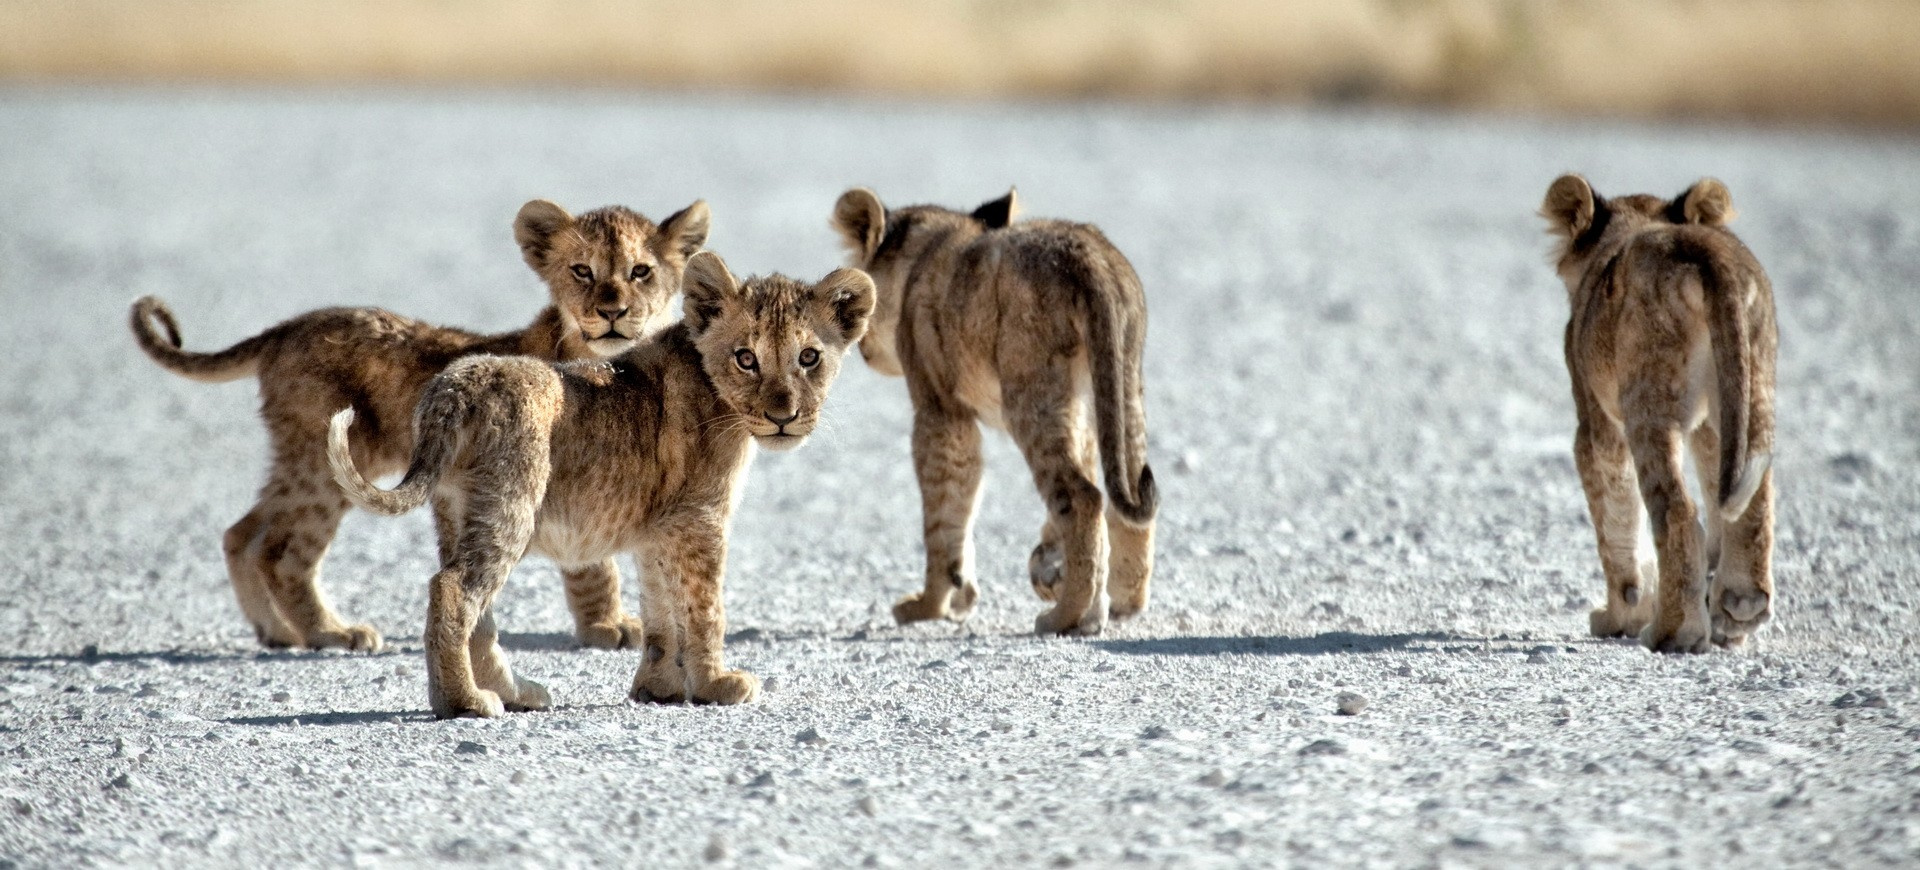 Namibie Parc national d'Etosha Lionceaux